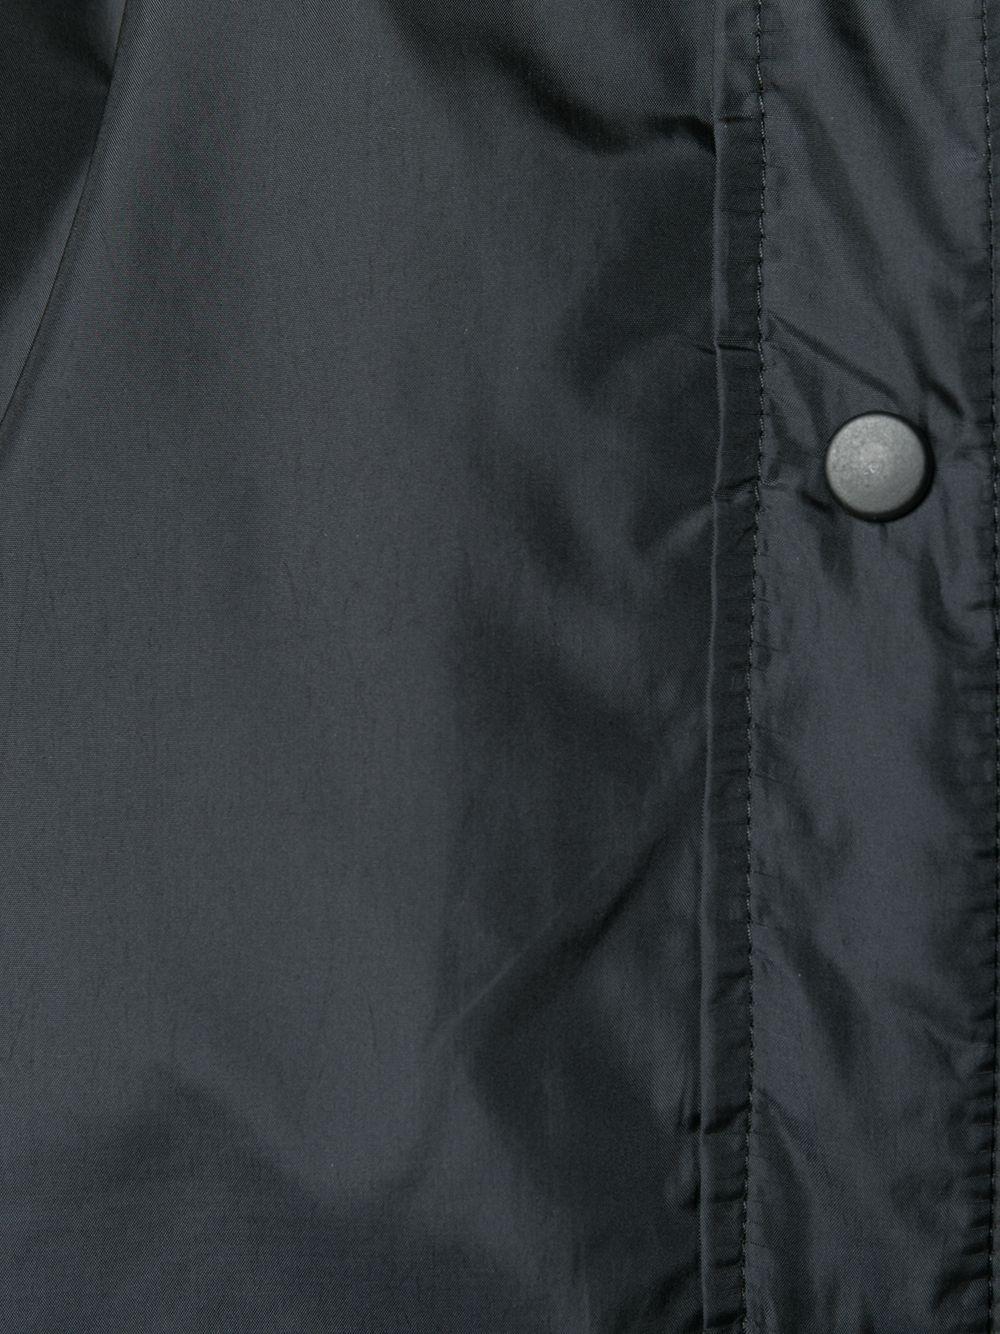 Camicia-giacca nera a maniche lunghe con colletto alla coreana ALBERTO ASPESI | Giacche | 9N14-796196241